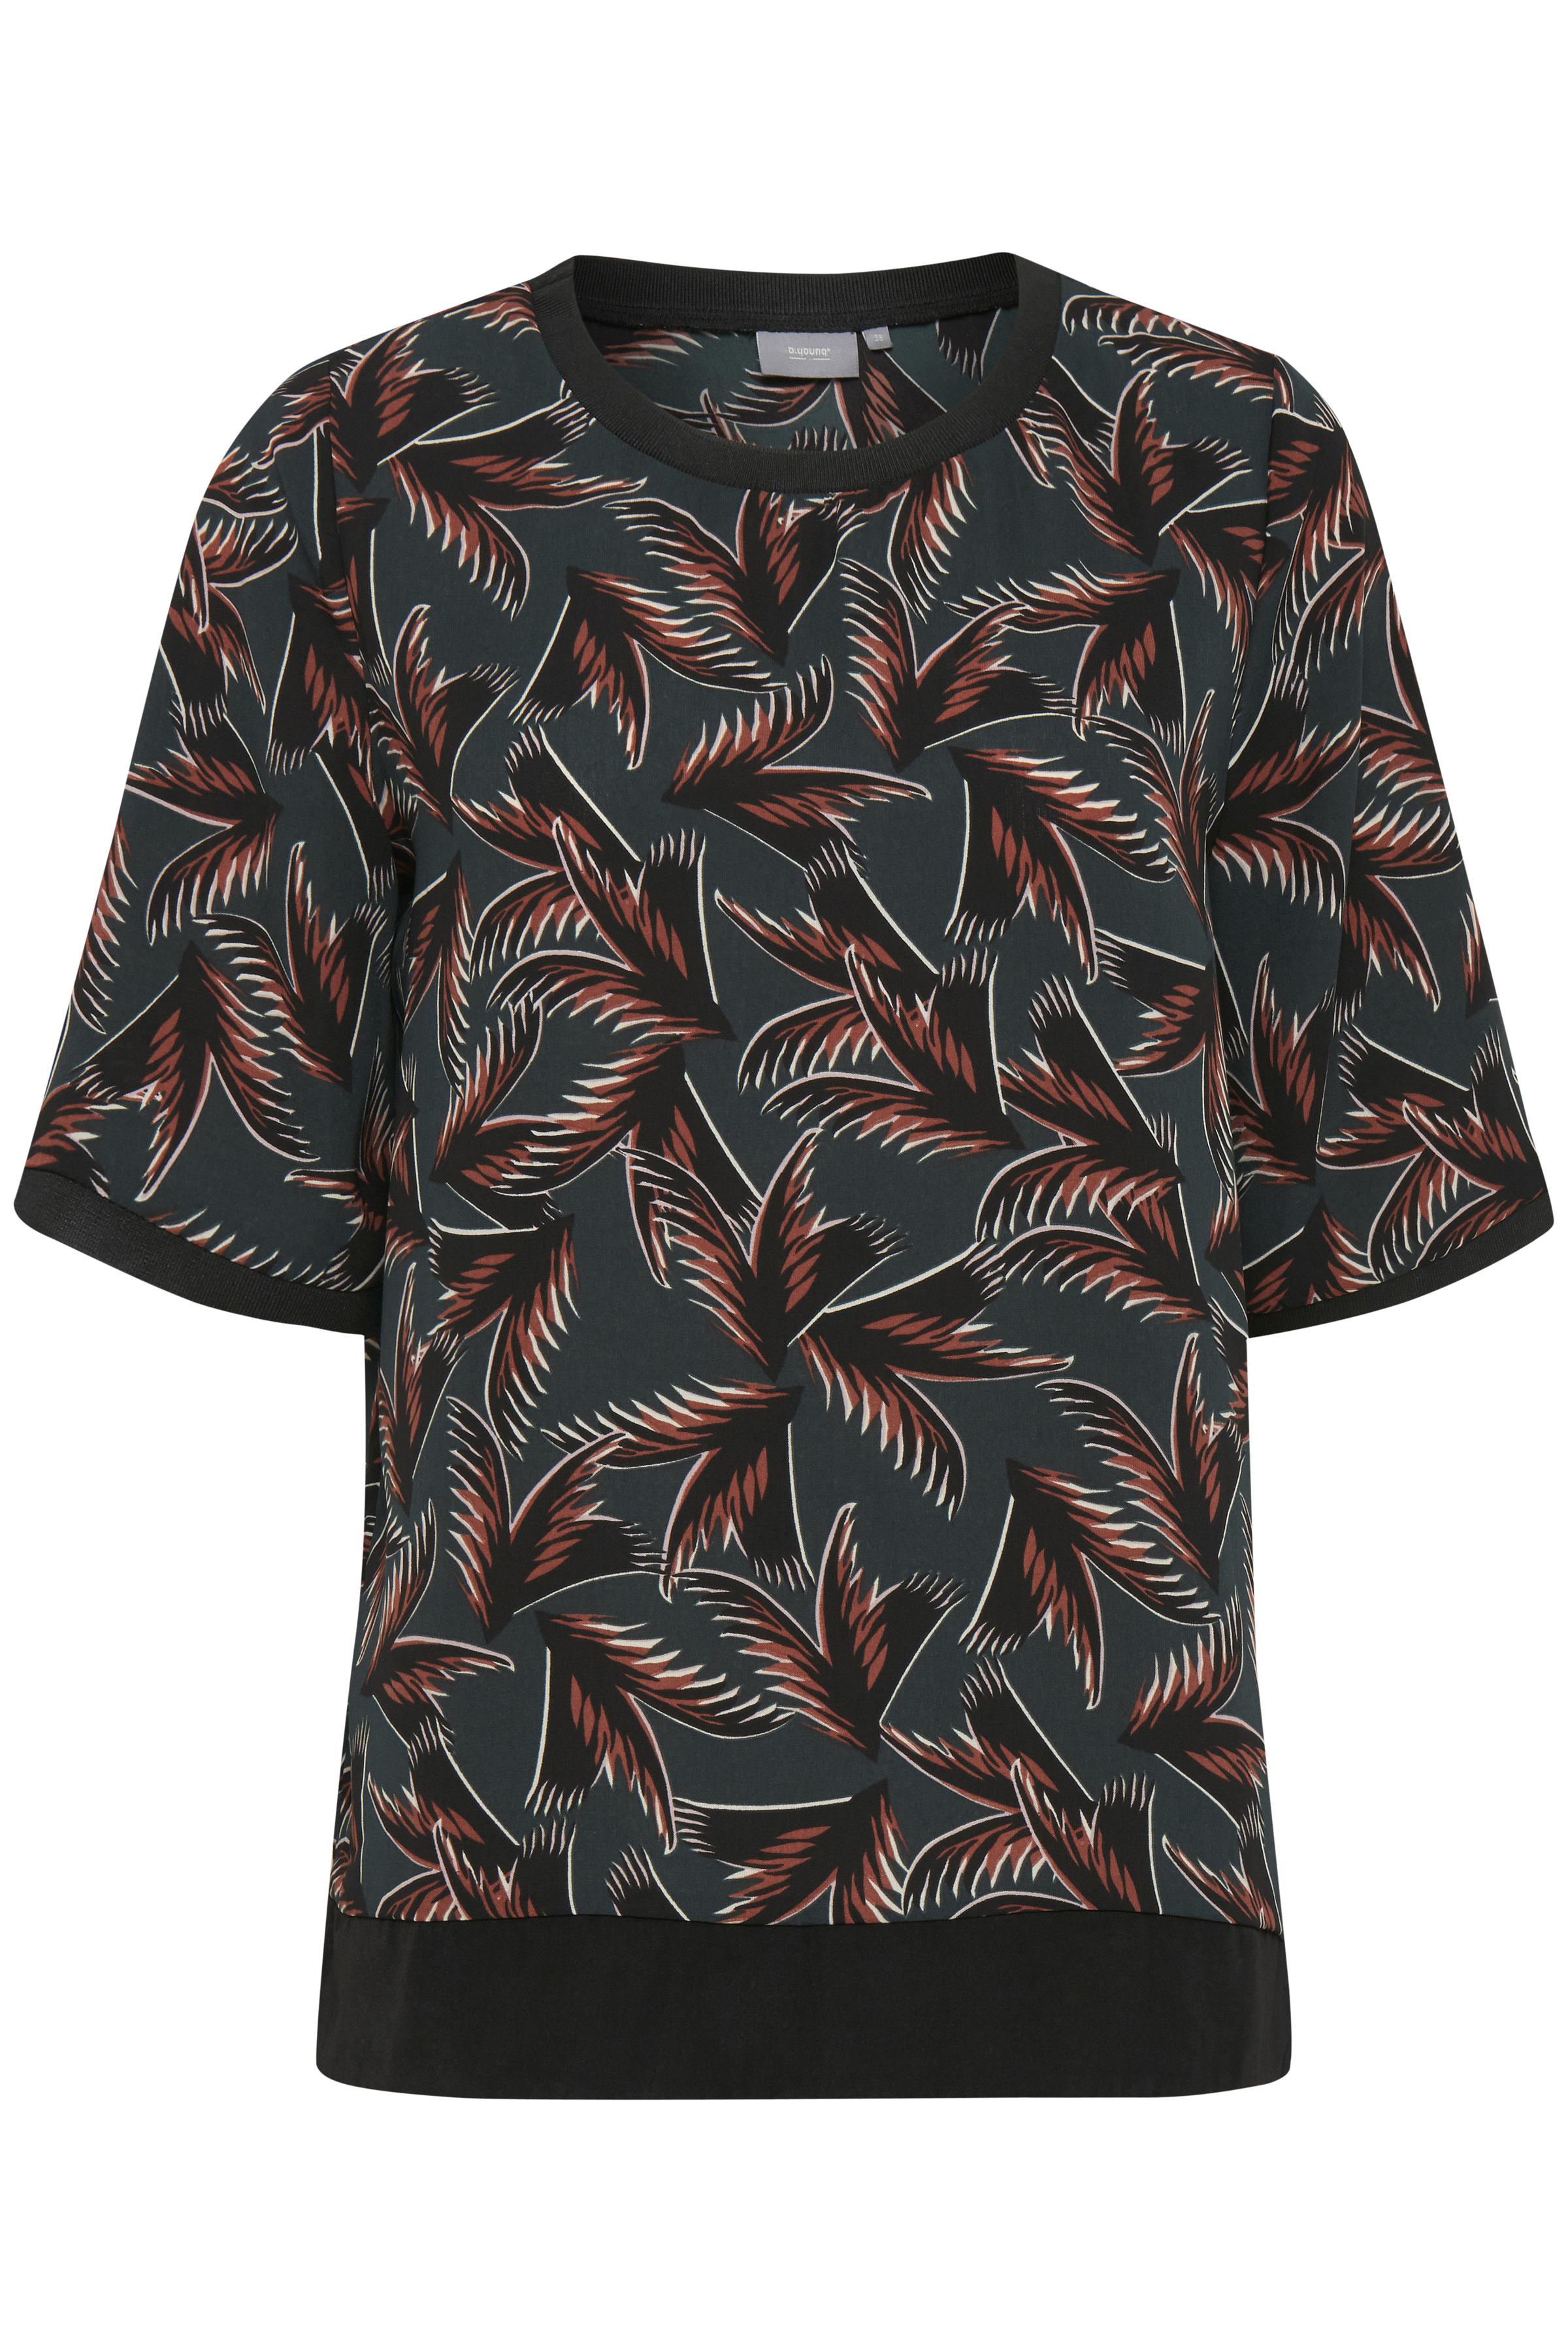 Flaskegrøn/brun Kortærmet bluse fra b.young – Køb Flaskegrøn/brun Kortærmet bluse fra str. 34-46 her